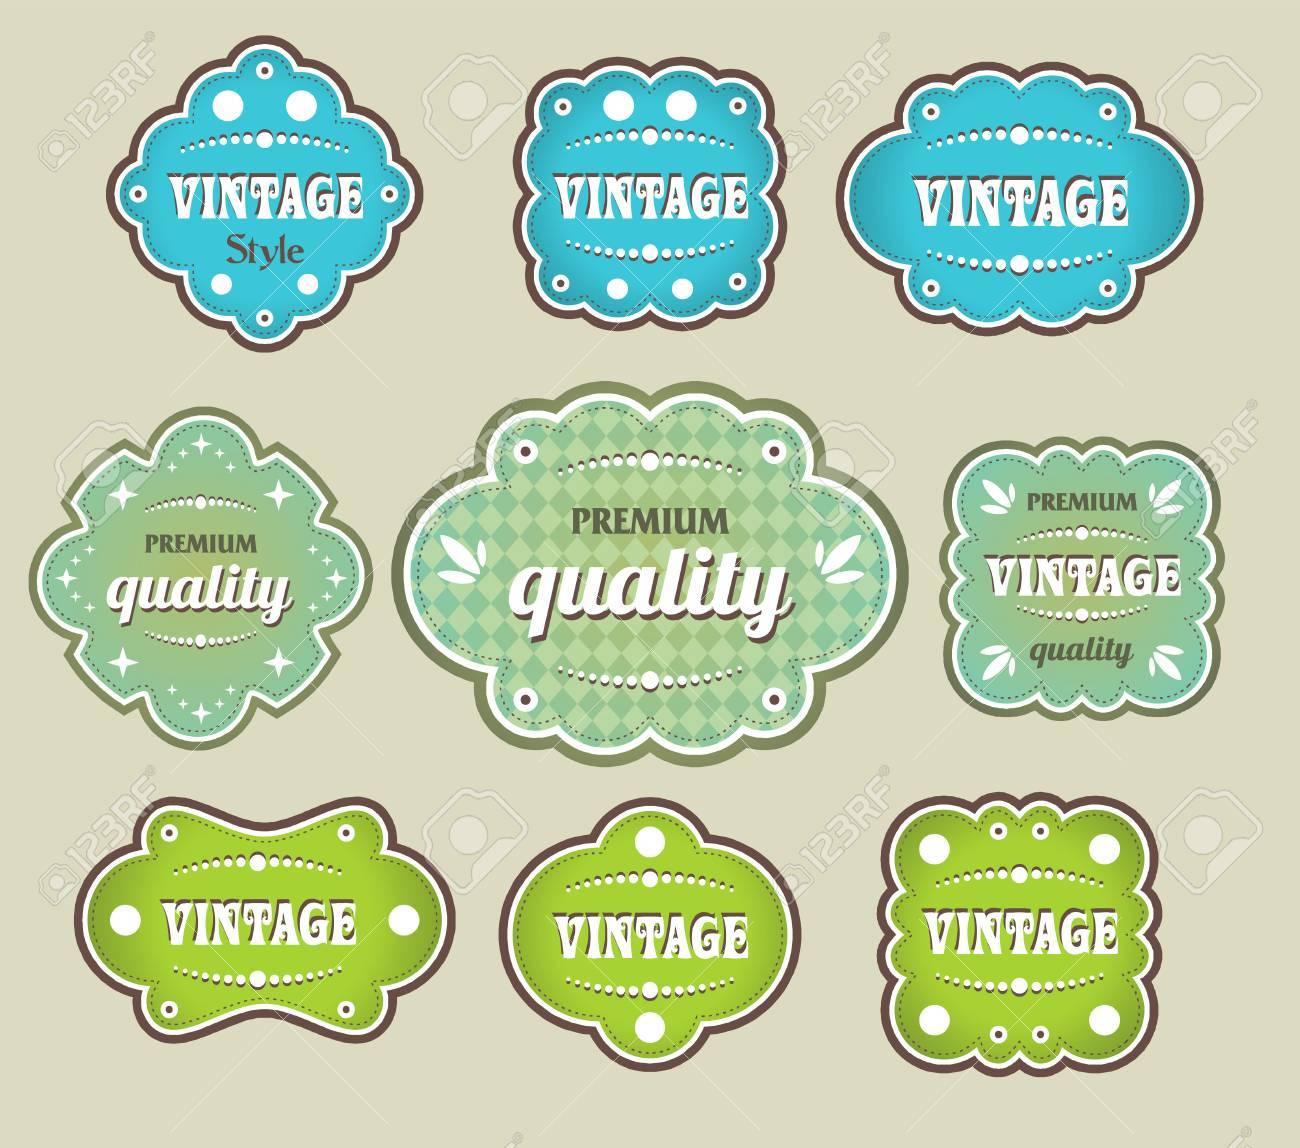 vintage labels retro style set - 55381058